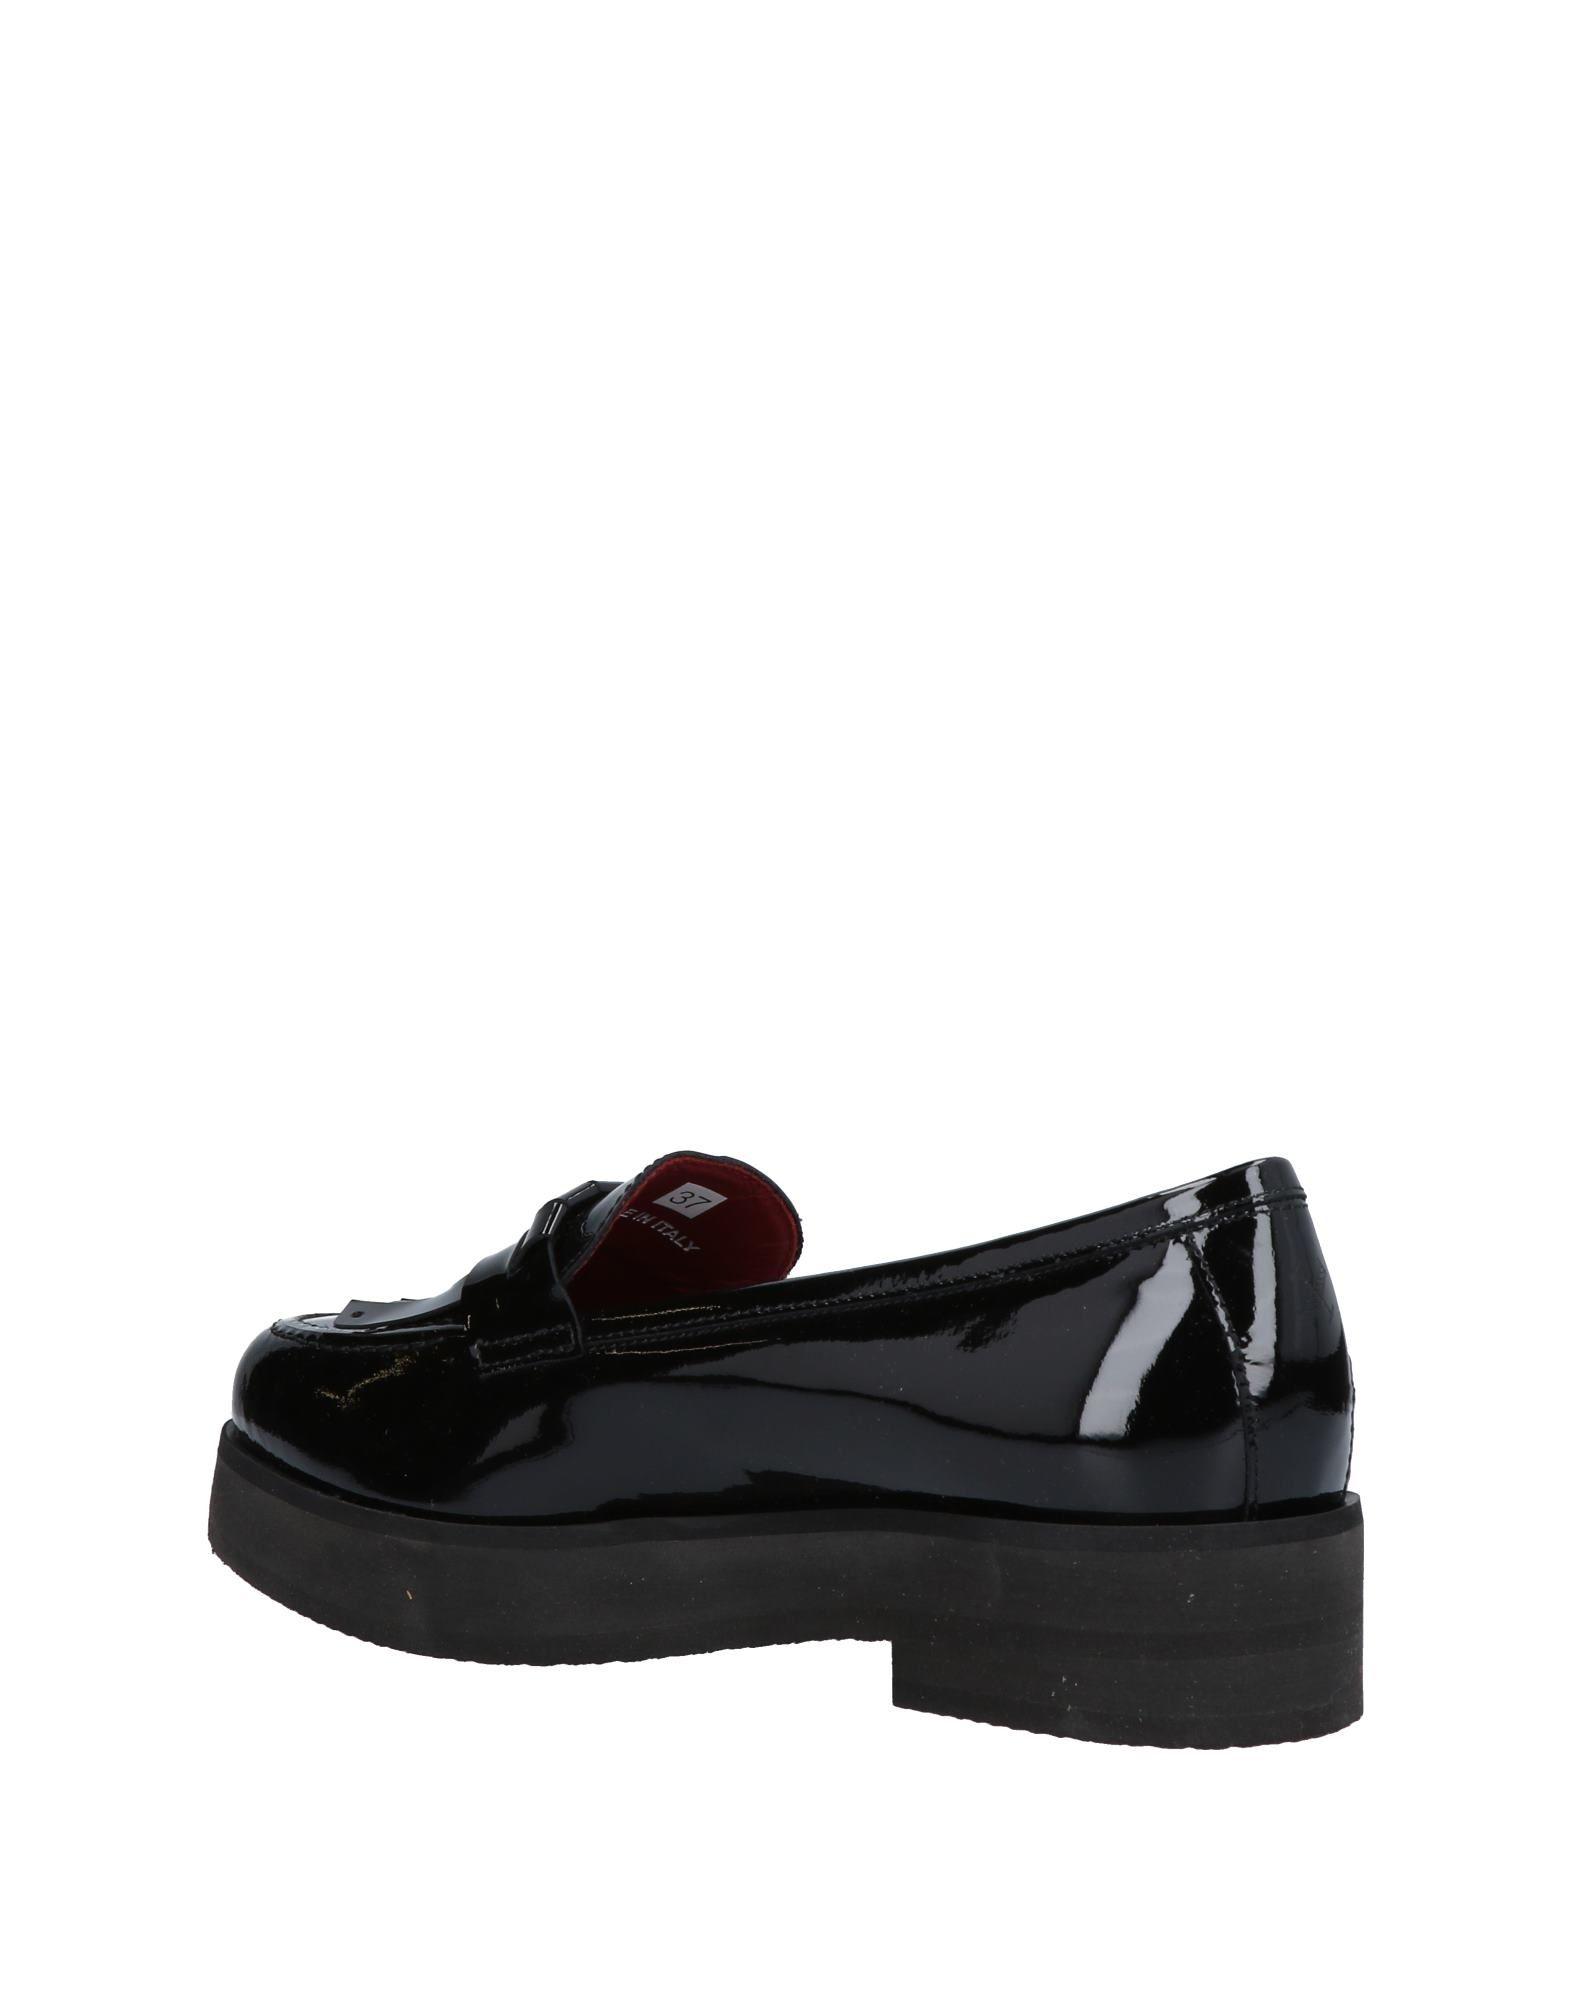 Alexander Trend Loafers - Women Alexander Trend Loafers Loafers Loafers online on  United Kingdom - 11455446LW 7f894e